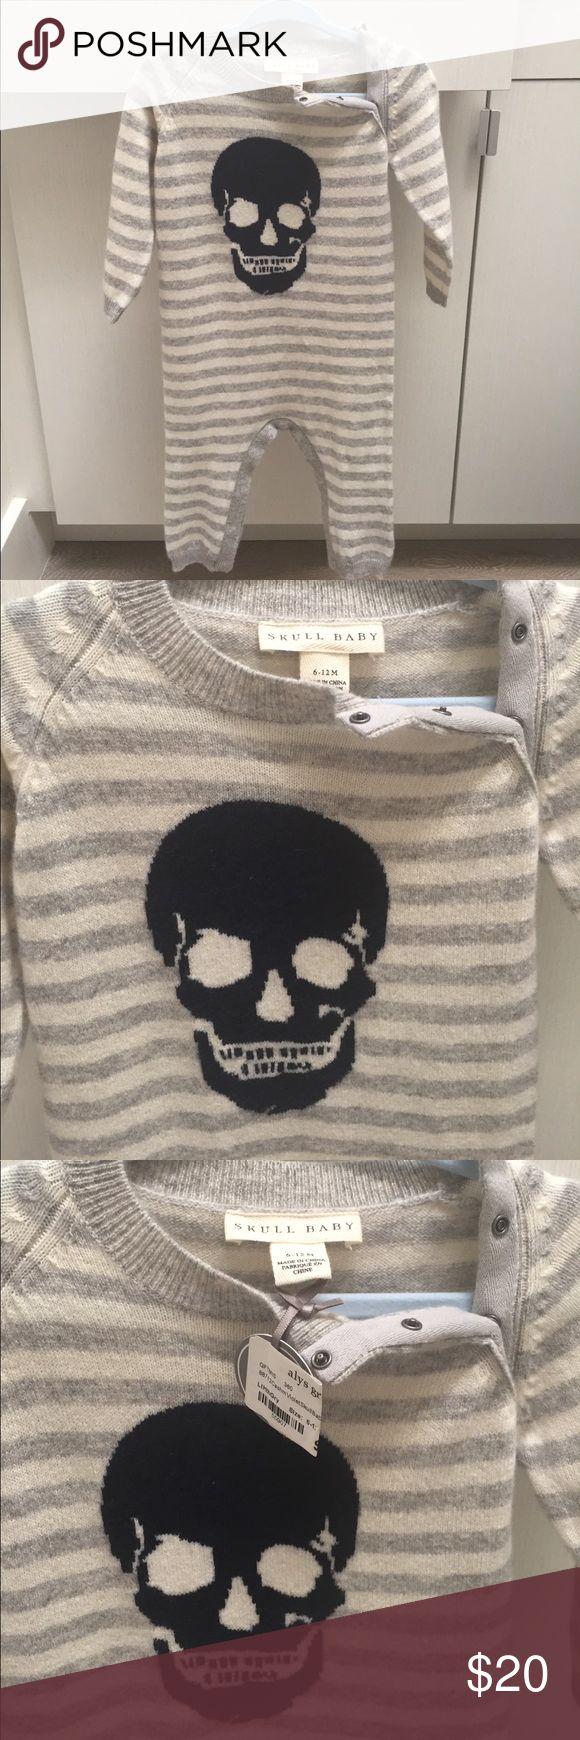 Boys 6-12m onesie cashmere Brand new cashmere onesie 6-12 months skull baby One Pieces Bodysuits